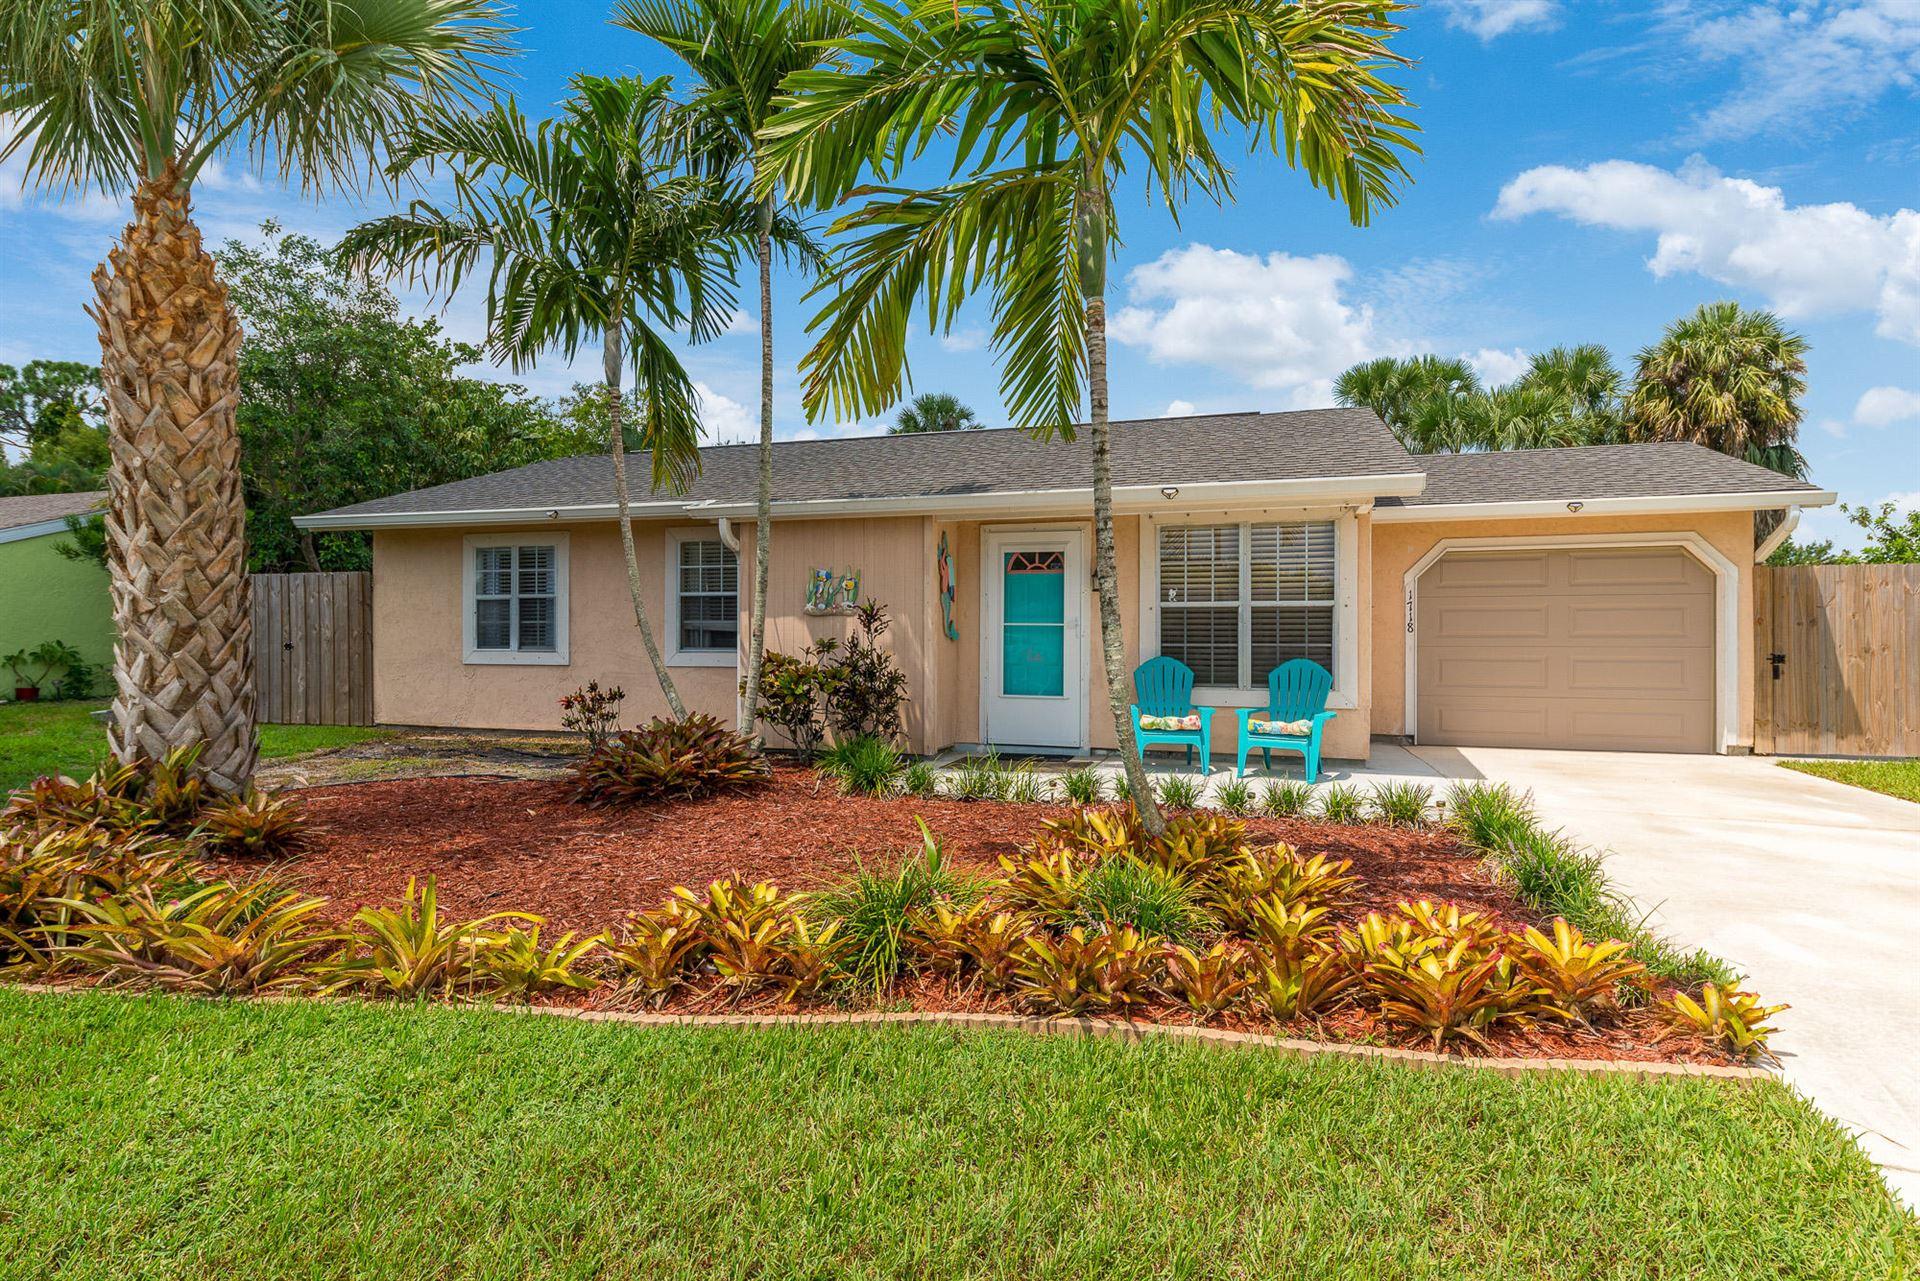 Photo of 1718 SE Cascella Court, Port Saint Lucie, FL 34952 (MLS # RX-10733794)